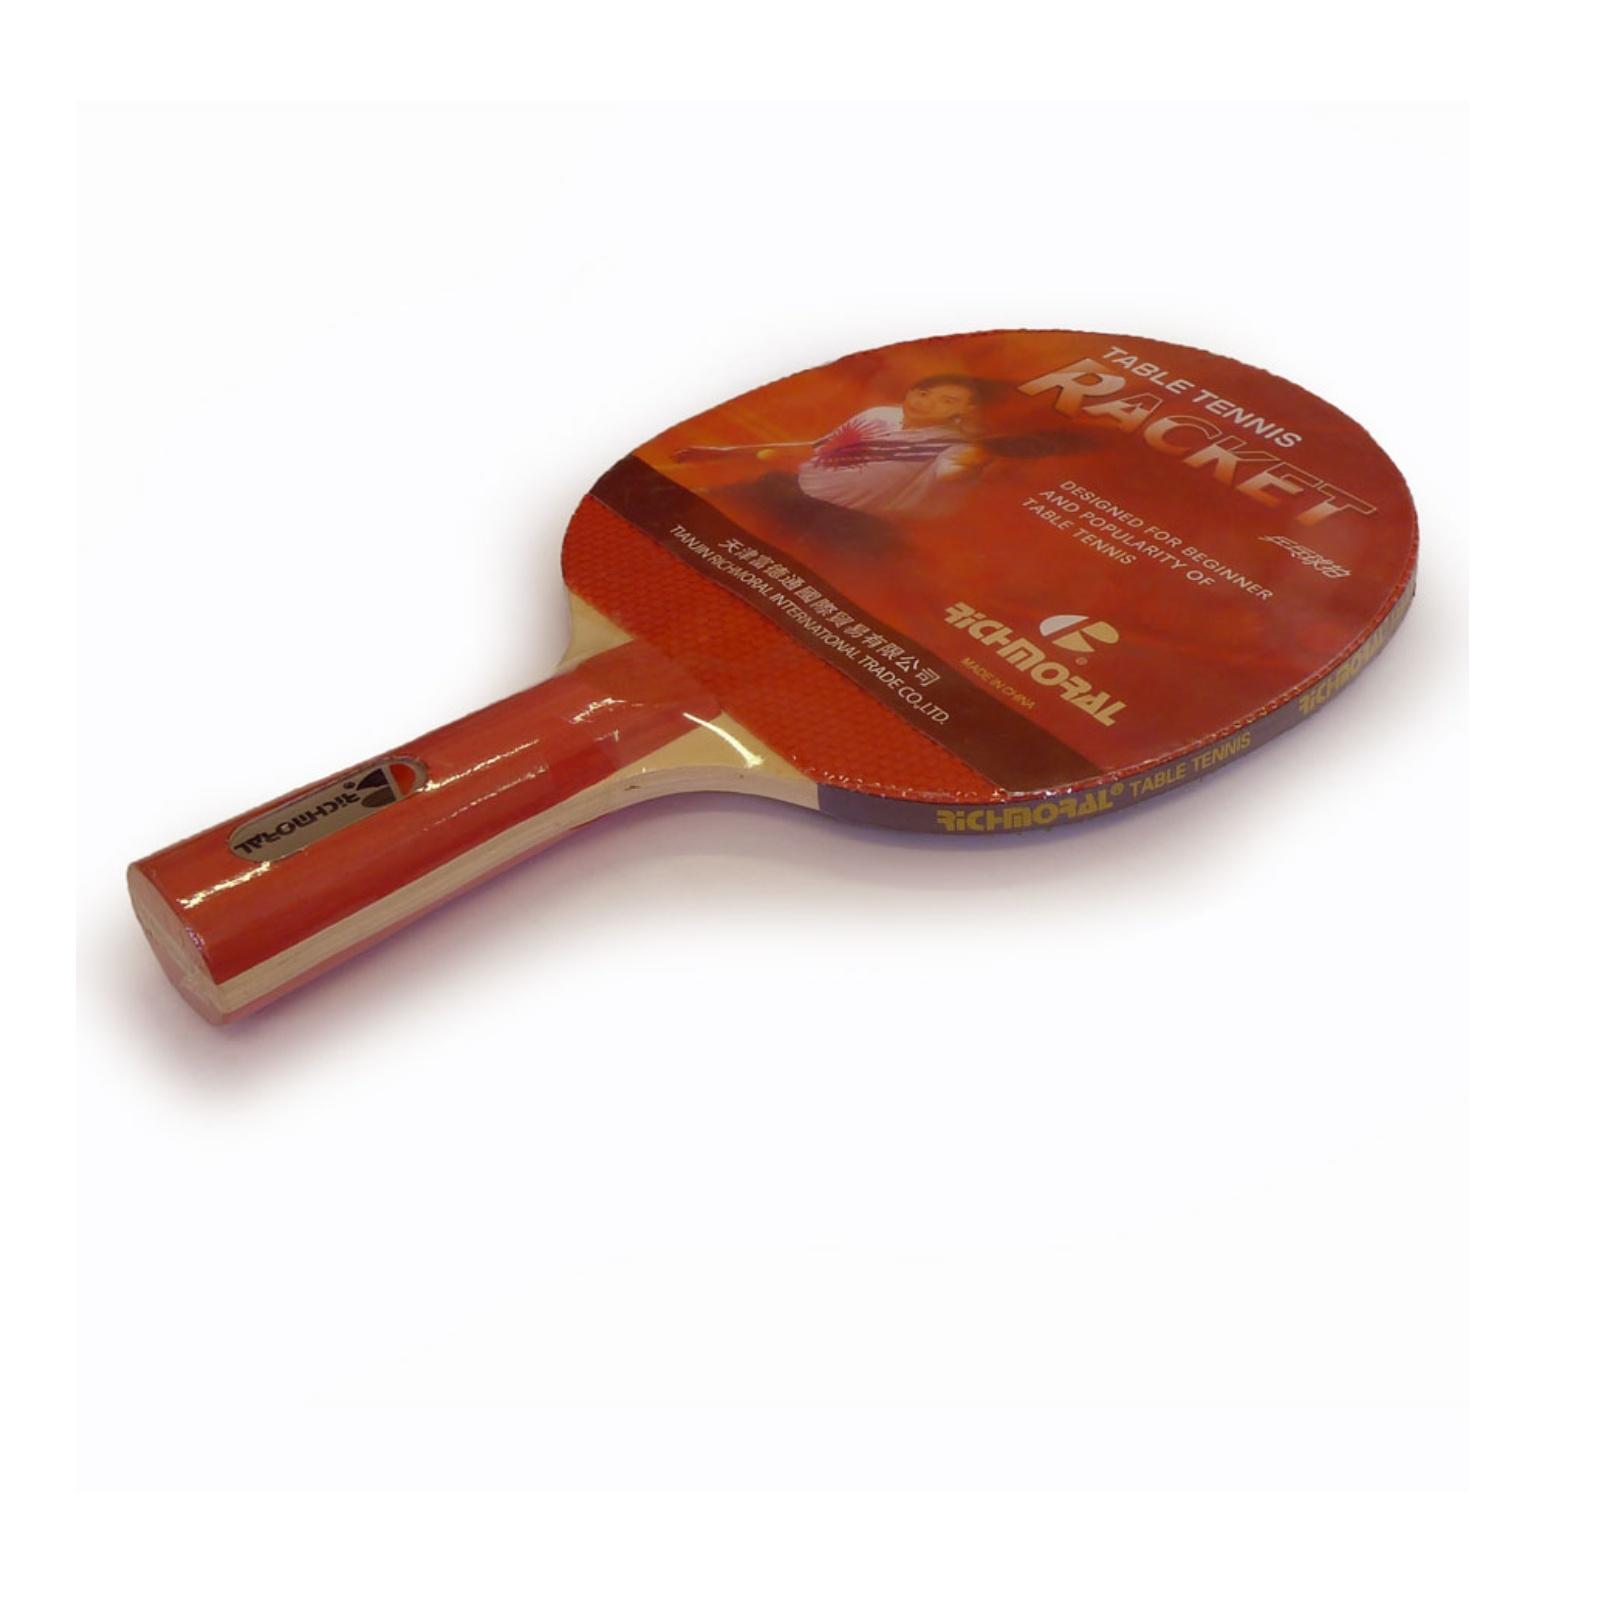 Pálka na stolní tenis RICHMORAL 525P - 790P